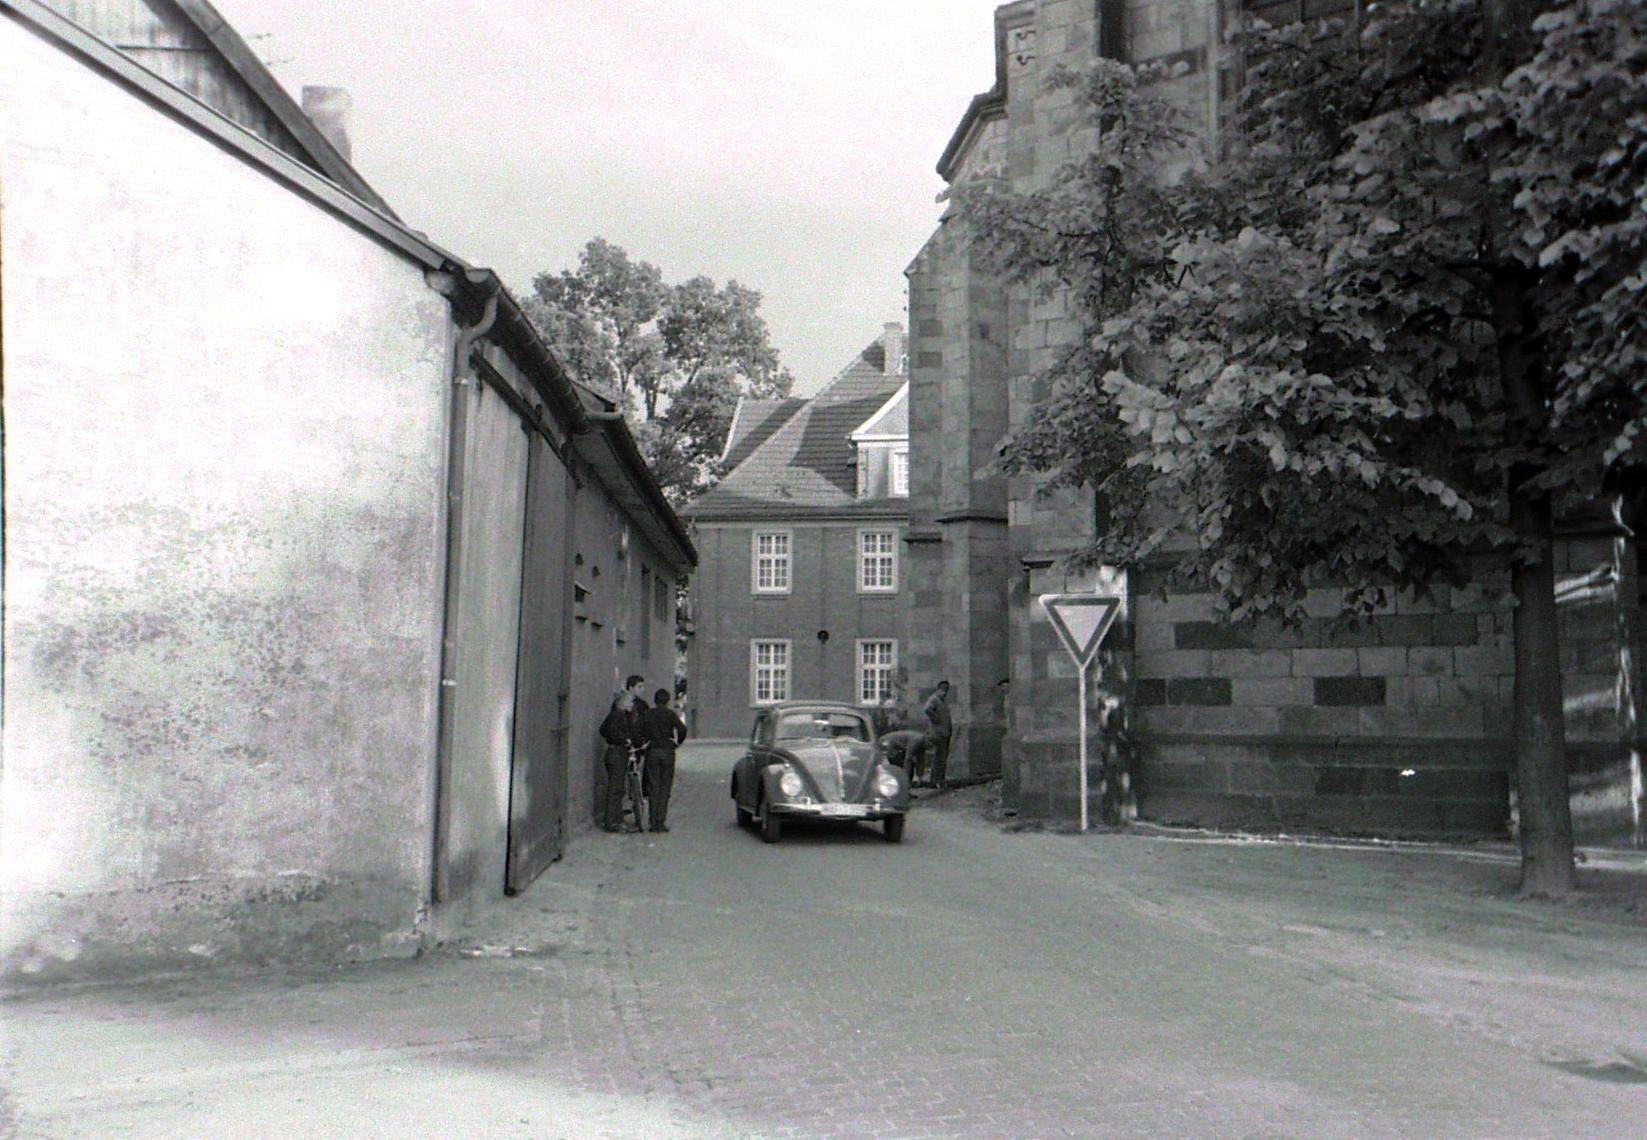 Bahnhofstraße in Blickrichtung Hauptstraße in den 50er Jahren in Ostbevern (Bild: Aloys Pohlmann)